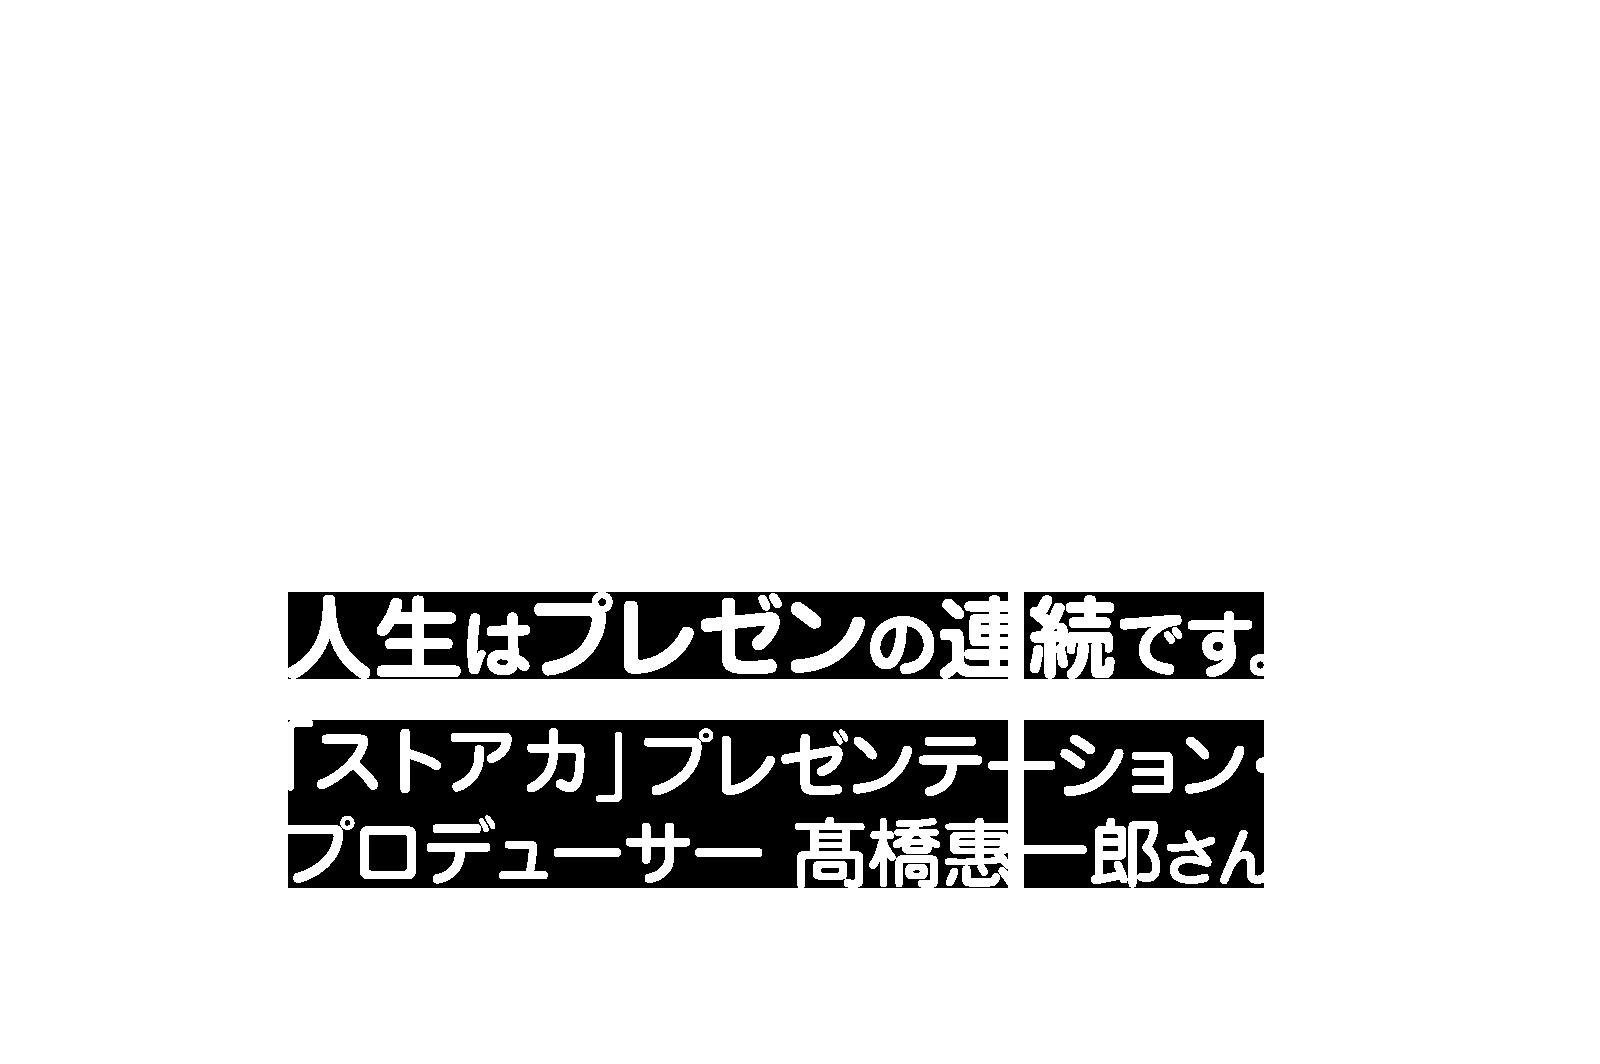 人生はプレゼンの連続です。 「ストアカ」プレゼンテーション・プロデューサー髙橋惠一郎さん